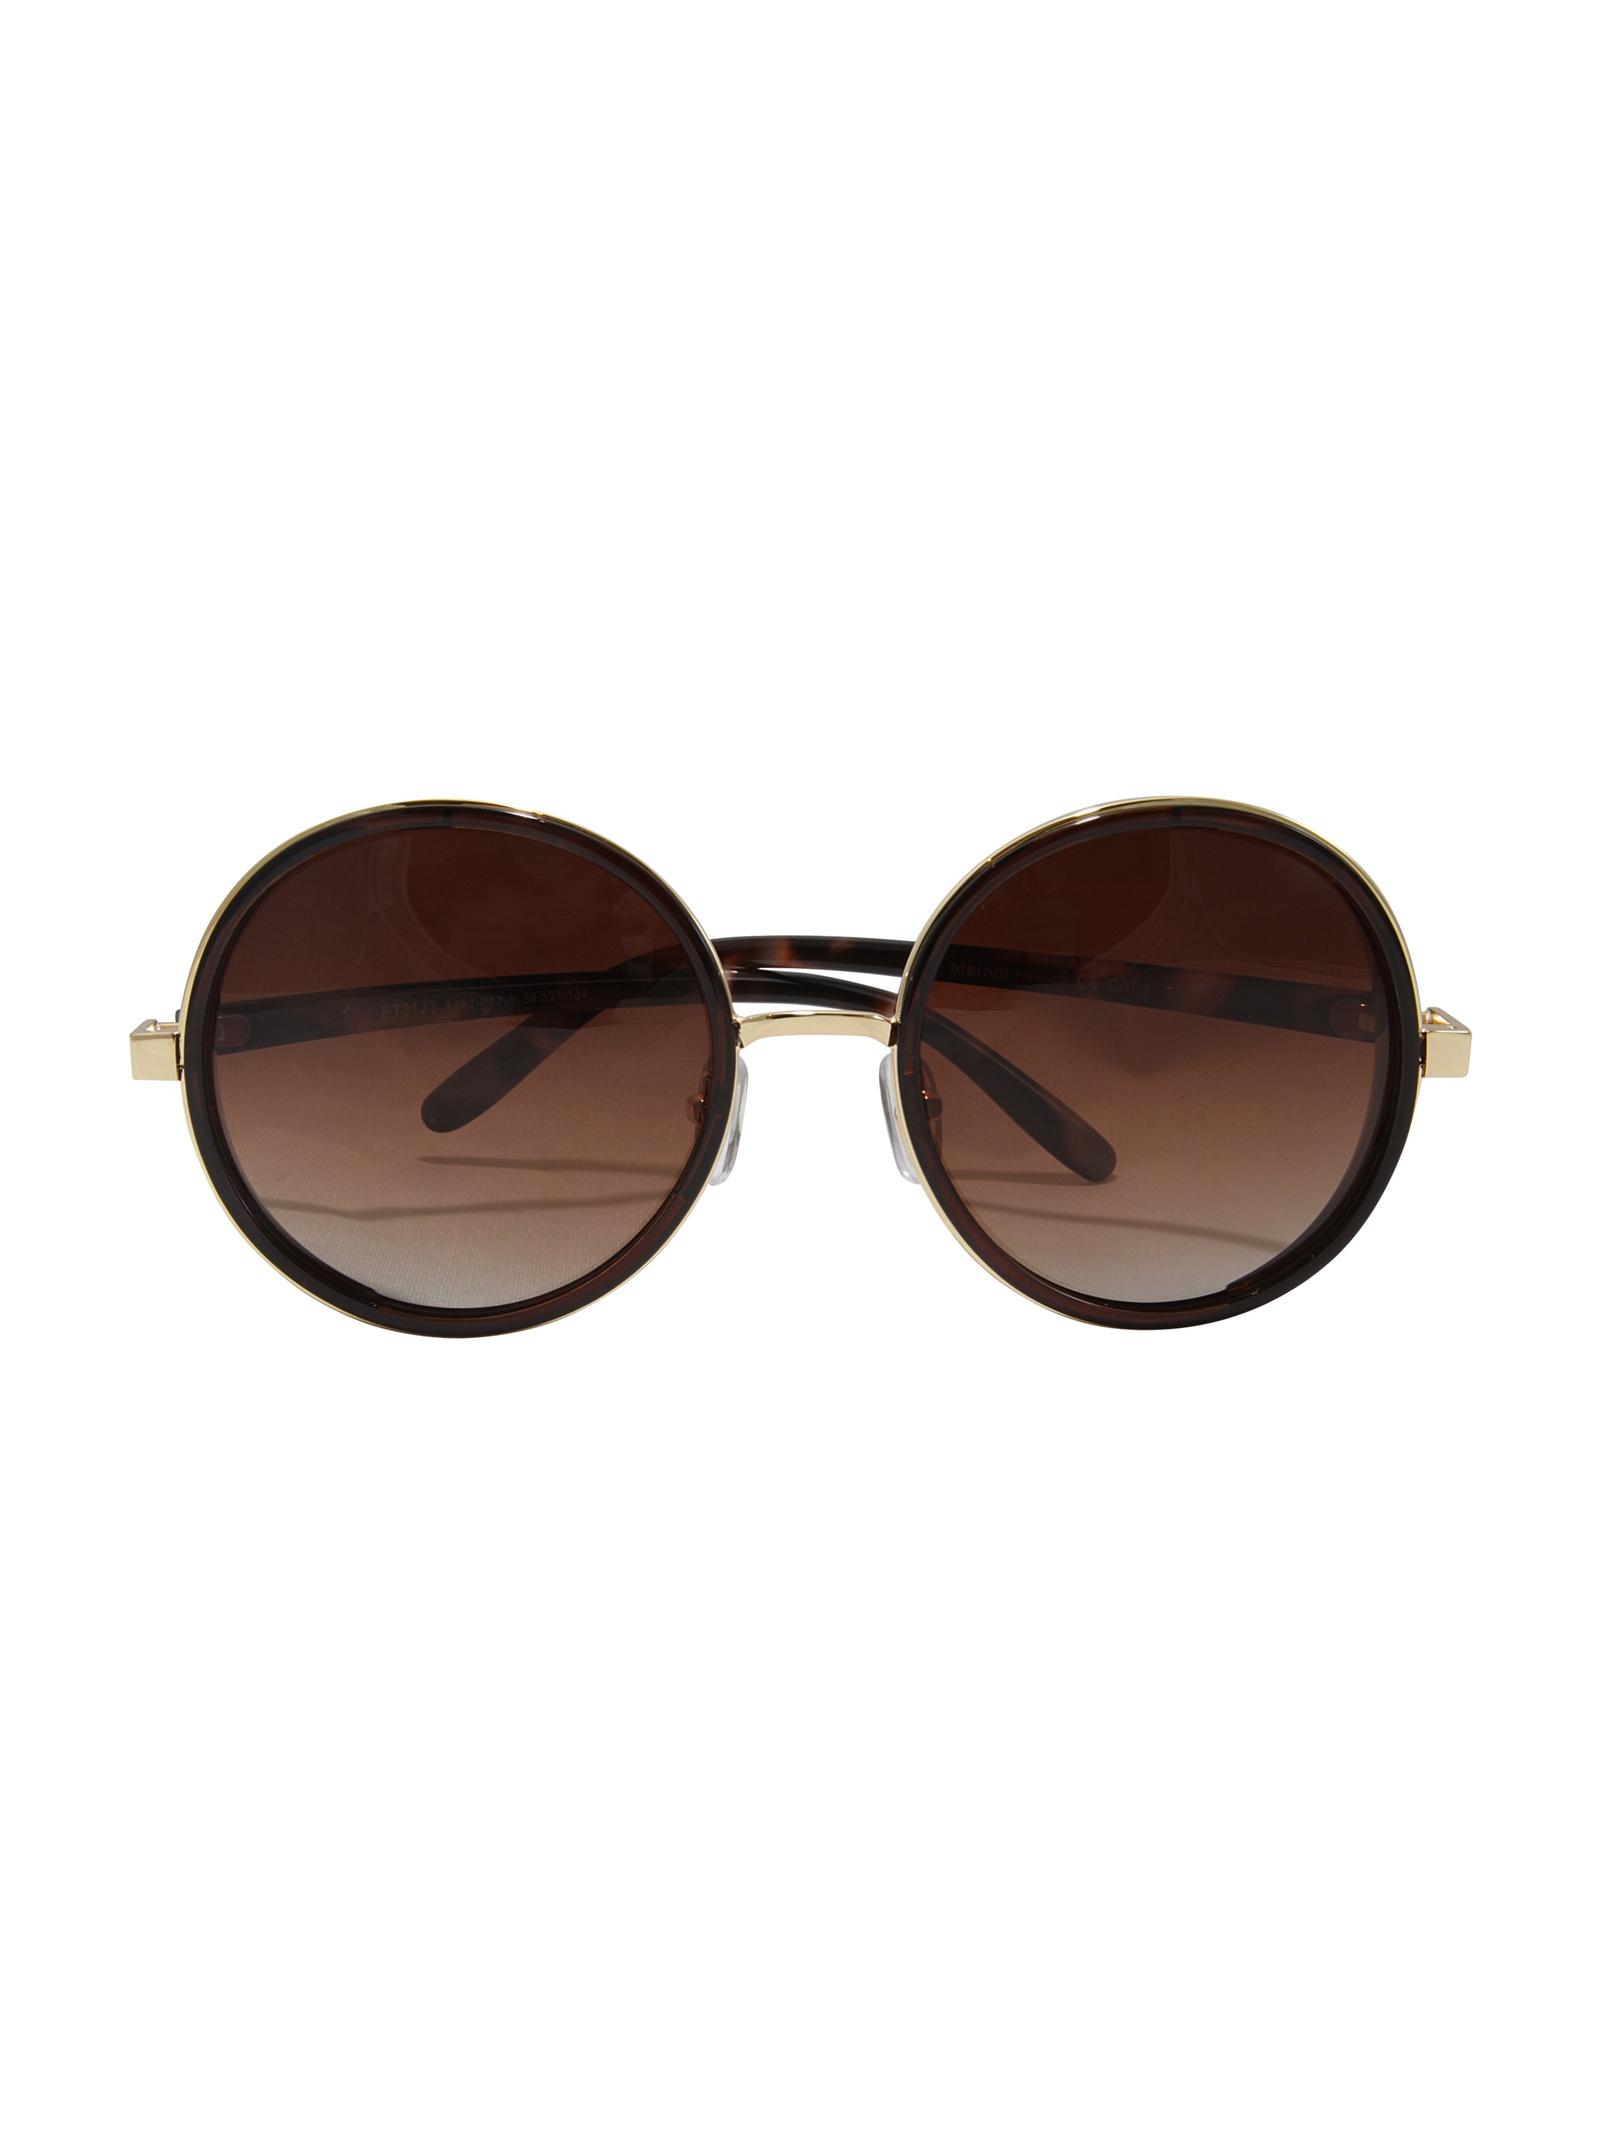 Очки солнцезащитные Eternal ET3123/A883-P87-1ET3123/A883-P87-1Солнцезащитные очки Eternal – это стильный и практичный аксессуар. Созданные из прочных, современных материалов, изделия этой фирмы отличаются надежностью и стойкостью к износу.